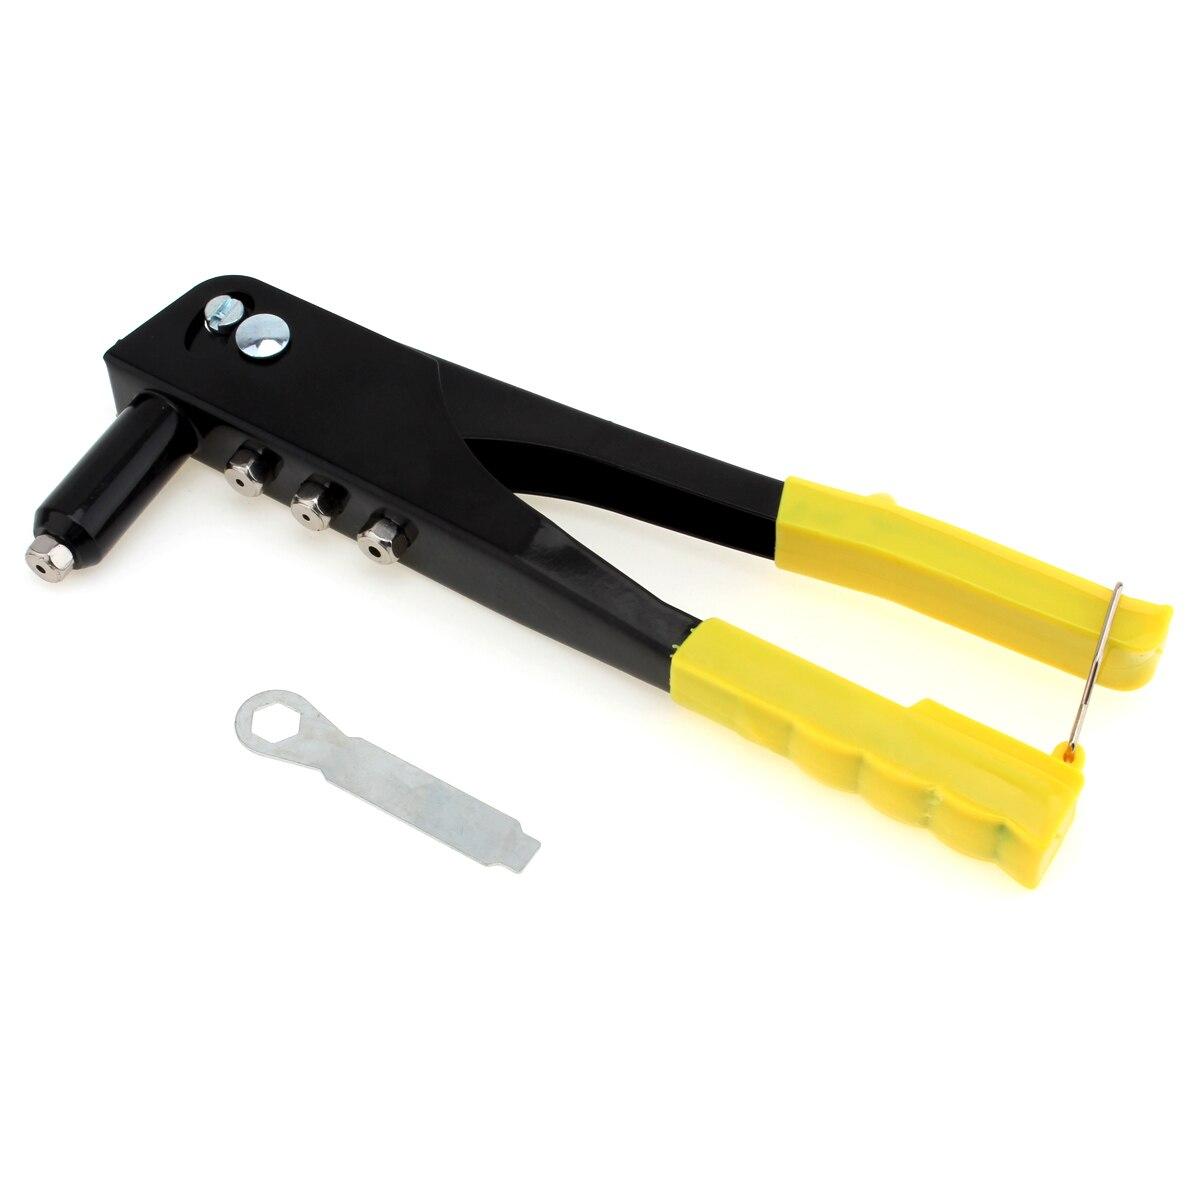 Licht-gewicht Hand Riveter Manuelle Blind Niet Pistole Hand Werkzeug für Werkstatt/Toolbox/Home Handwerk/Bastler /modellbauer